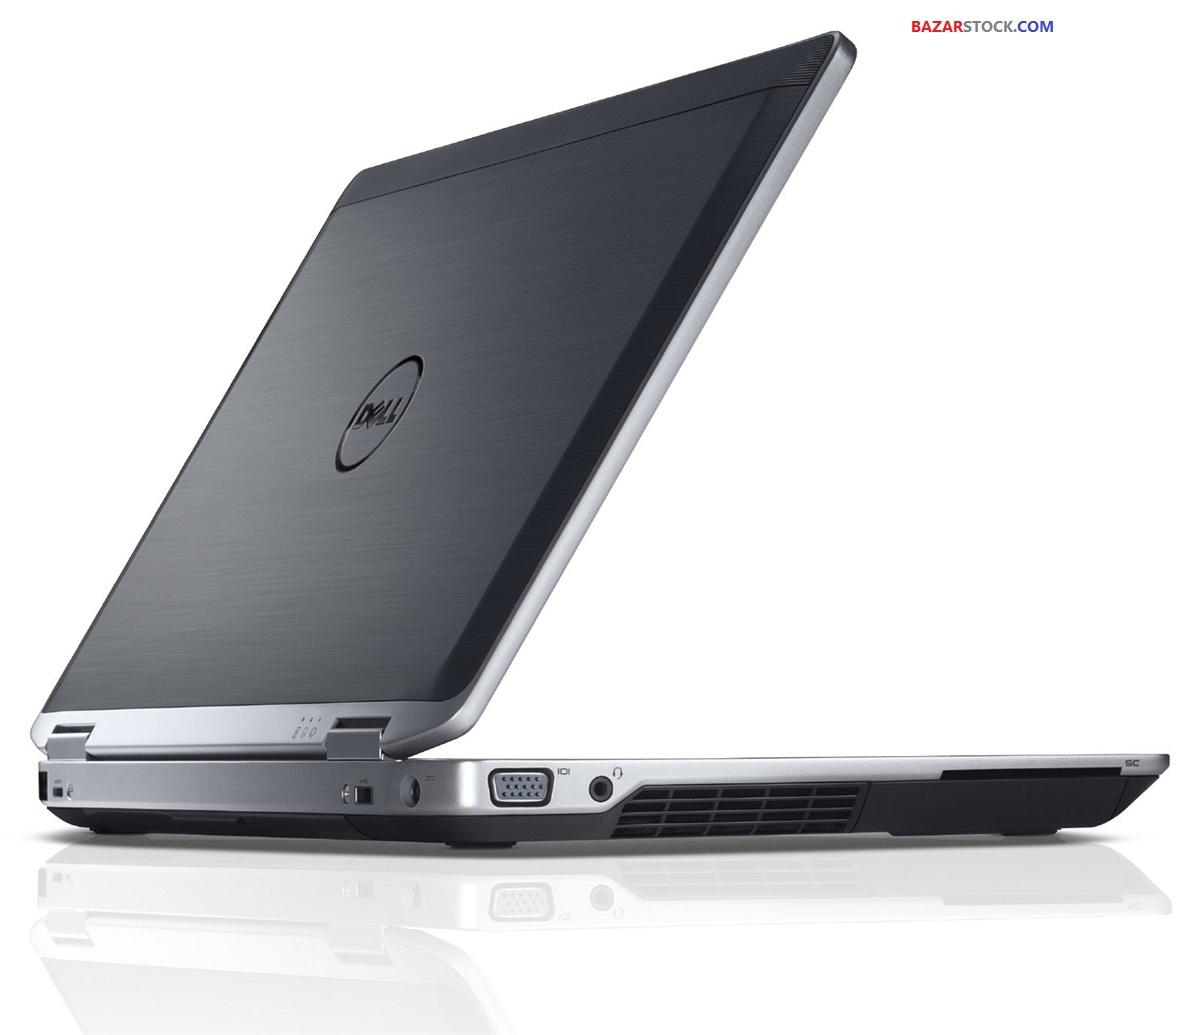 لپ تاپ دل DELL LATITUDE E6430